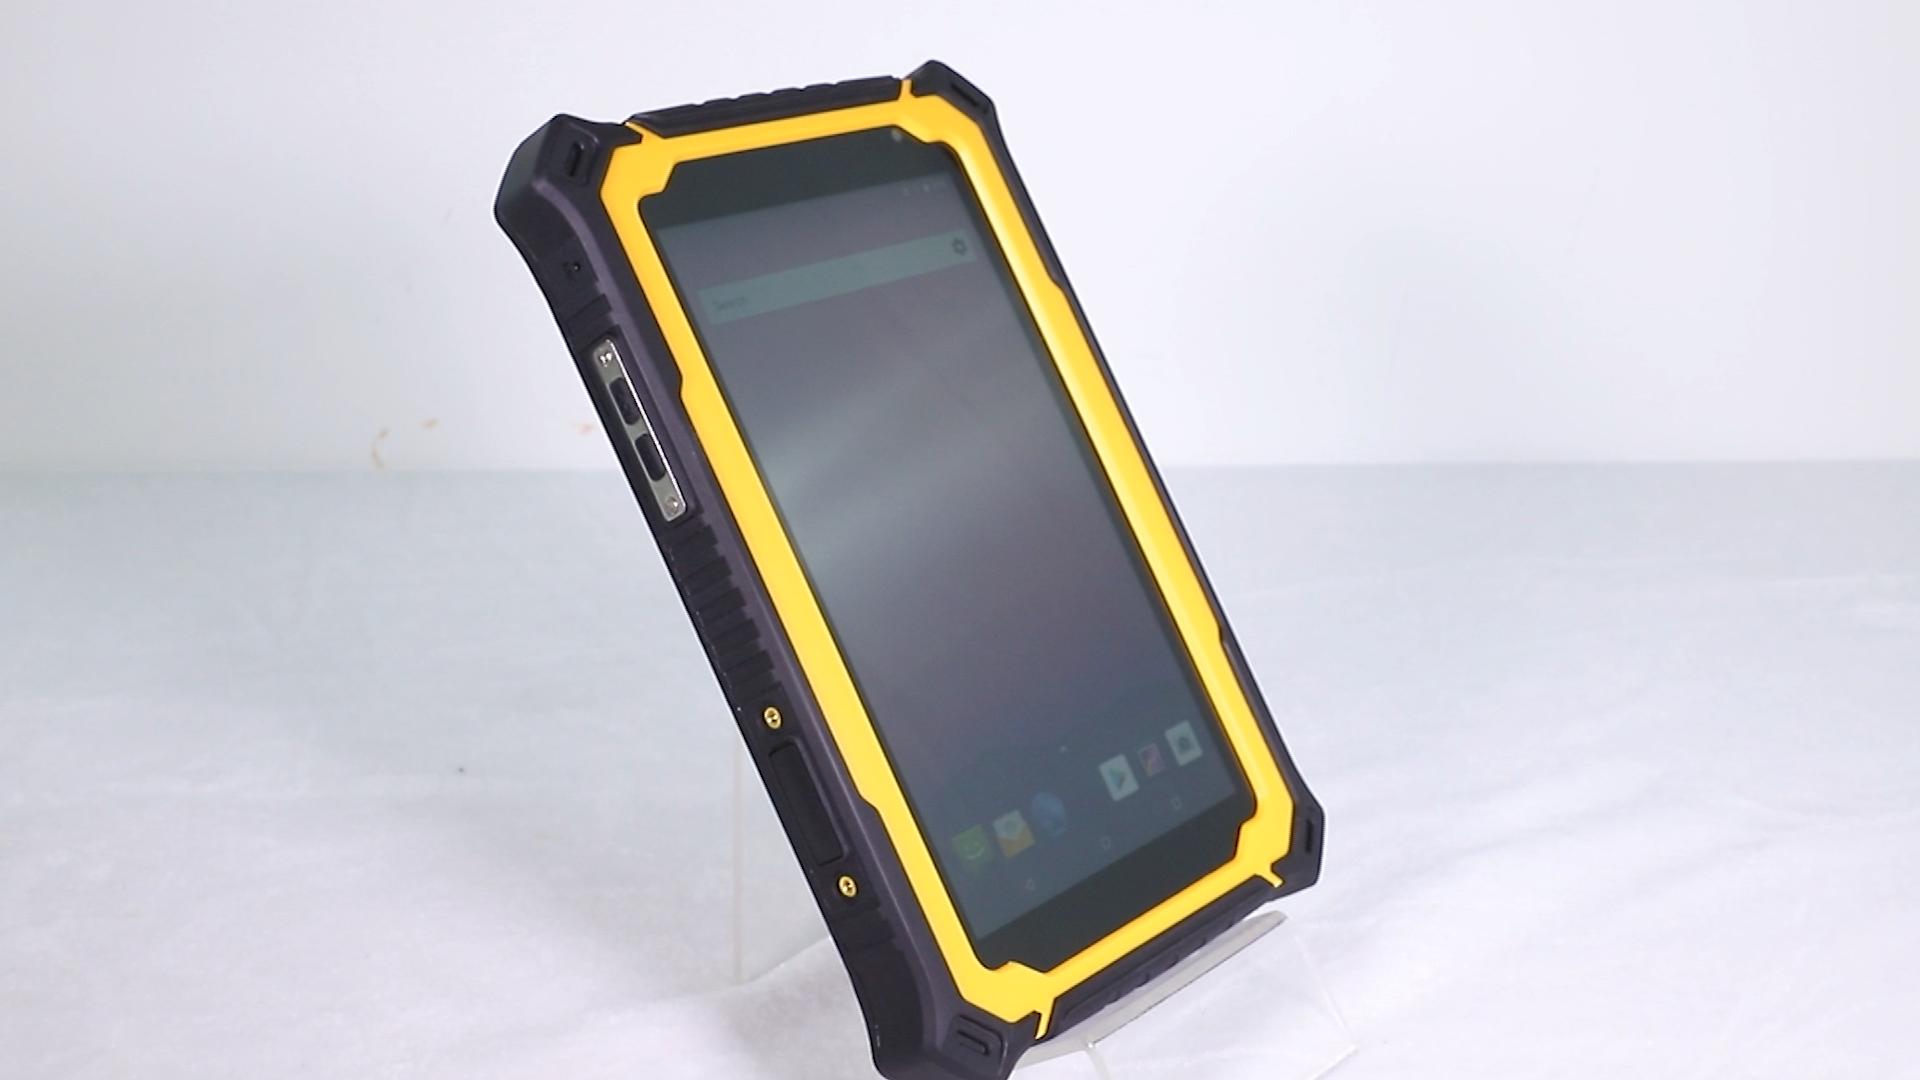 HUGEROCK-tablette de 7 pouces, Android, biométrique, Portable, avec os/déverrouillage par empreinte digitale, robuste, reconnaissance de terrain